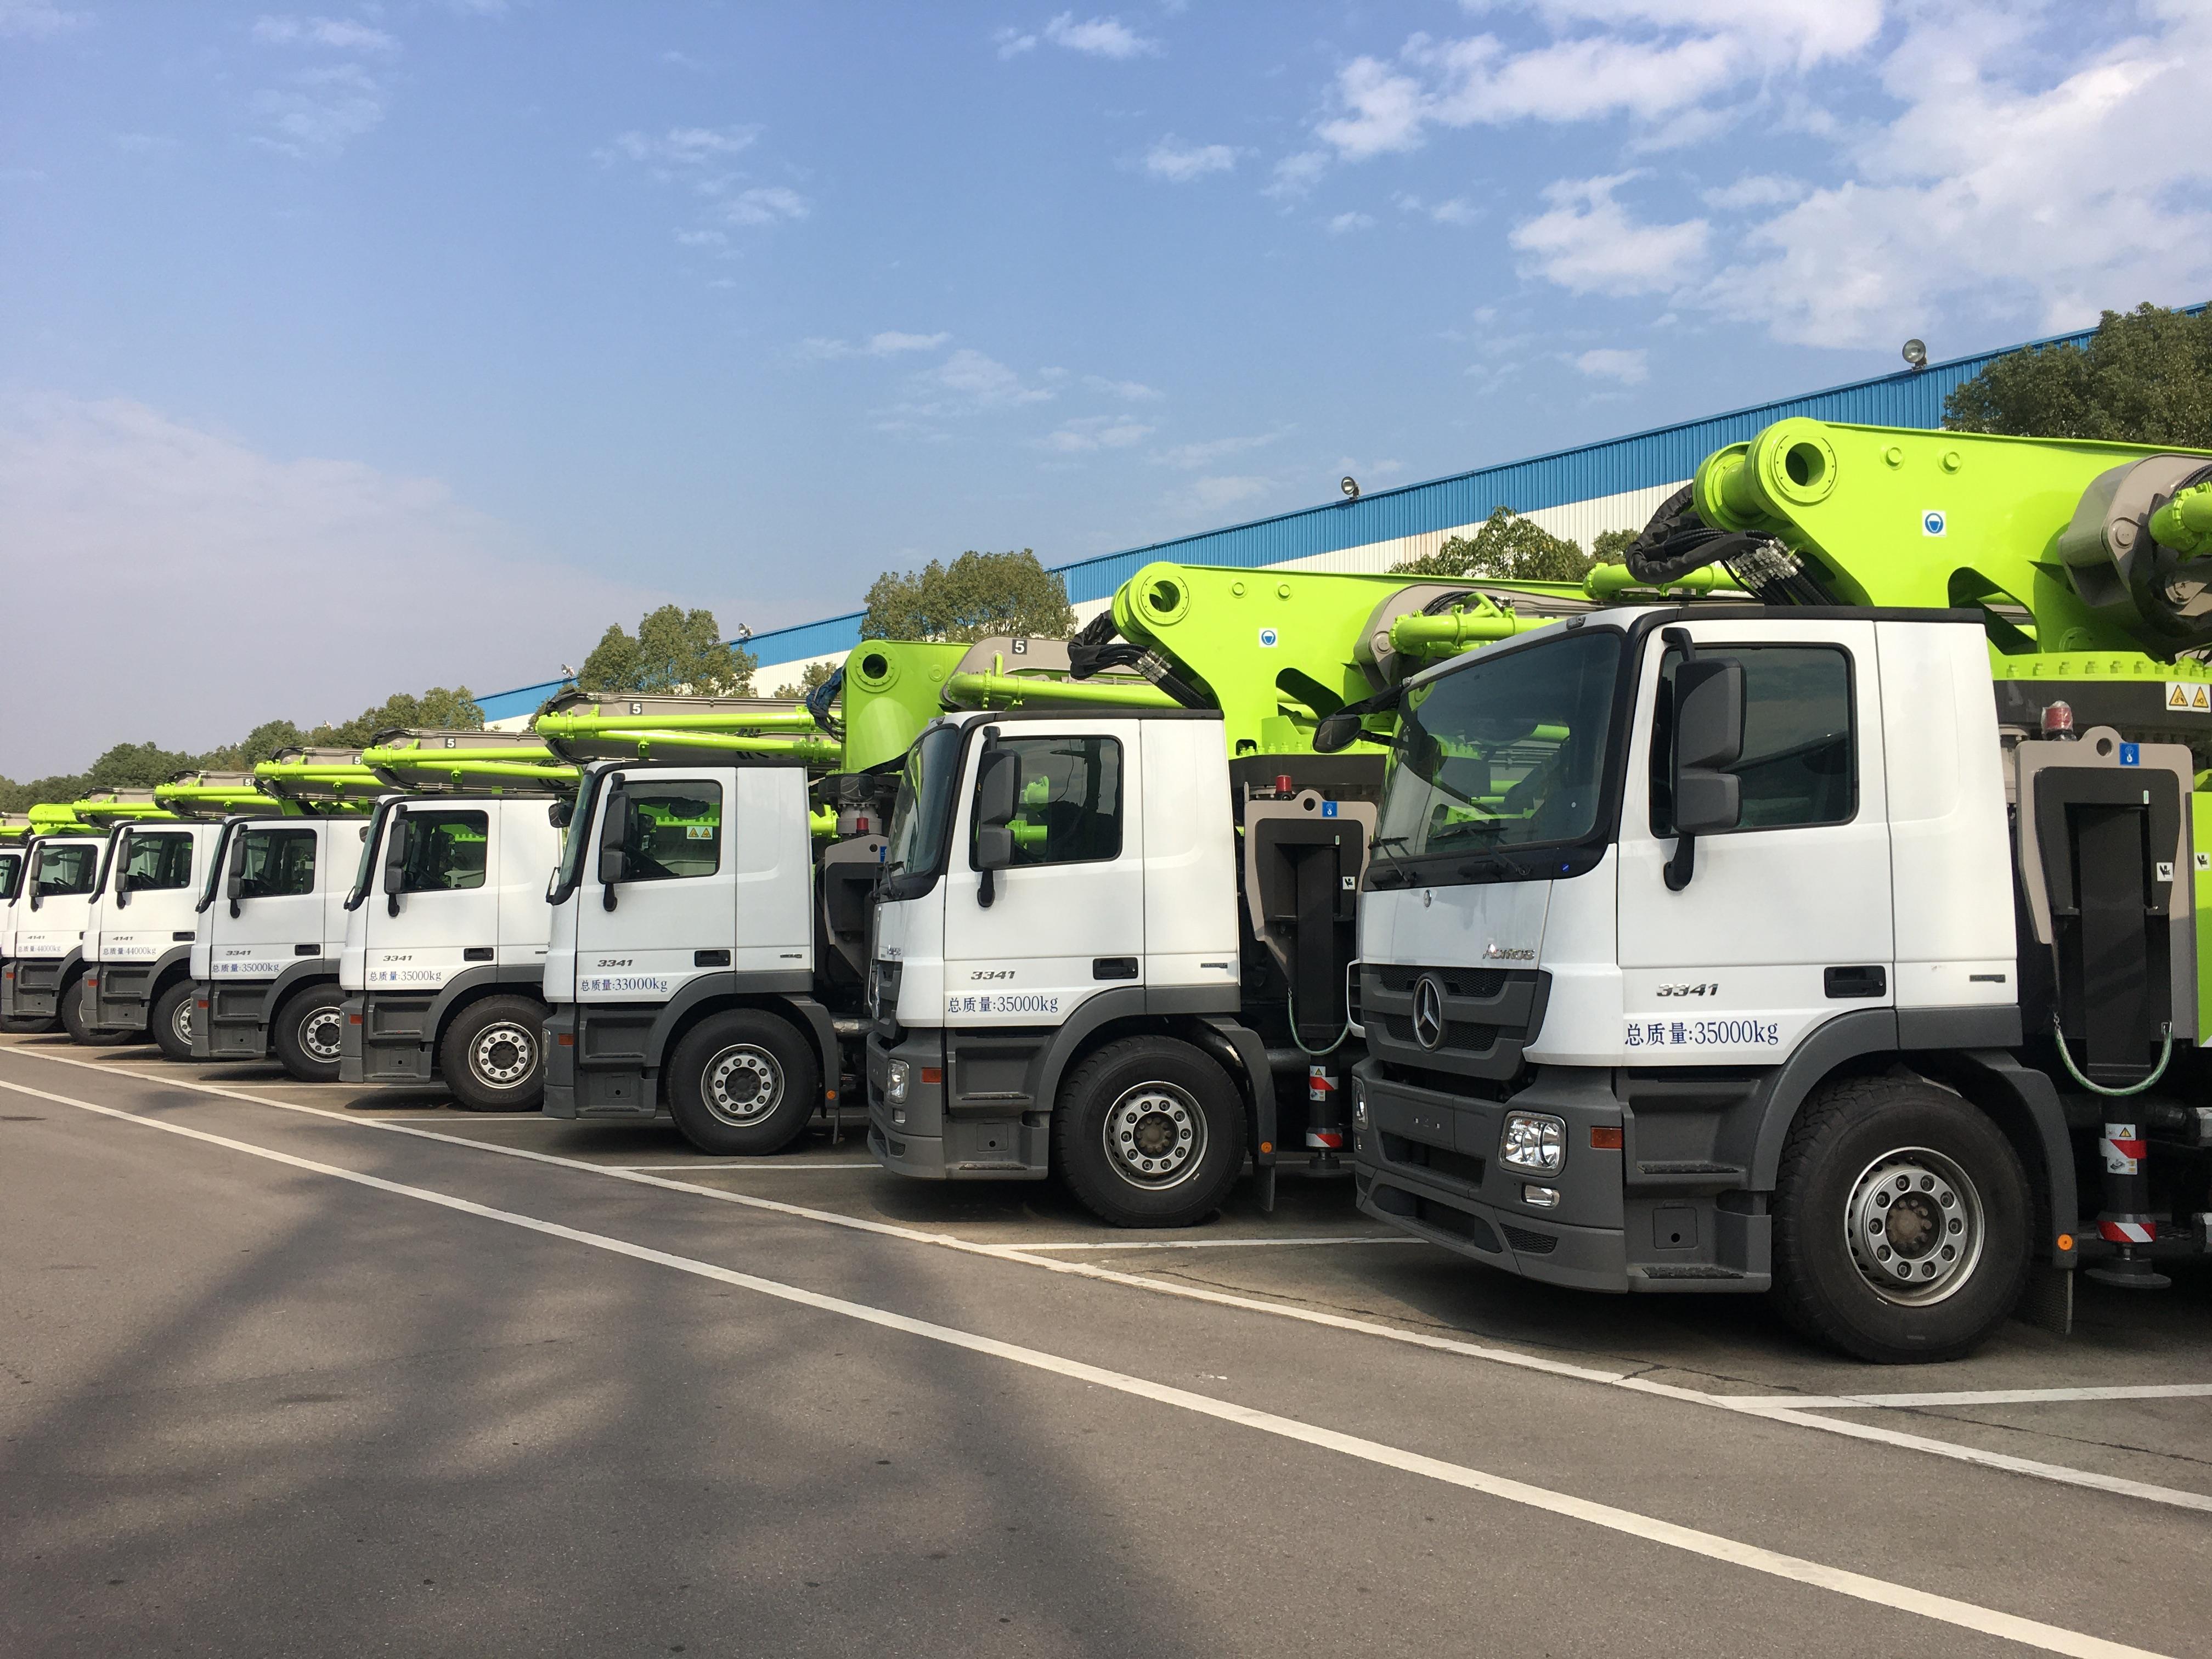 工程機械「湘軍」骨幹企業之一的中聯重科,研發的各類裝備在國際市場很受青睞。(新華社)